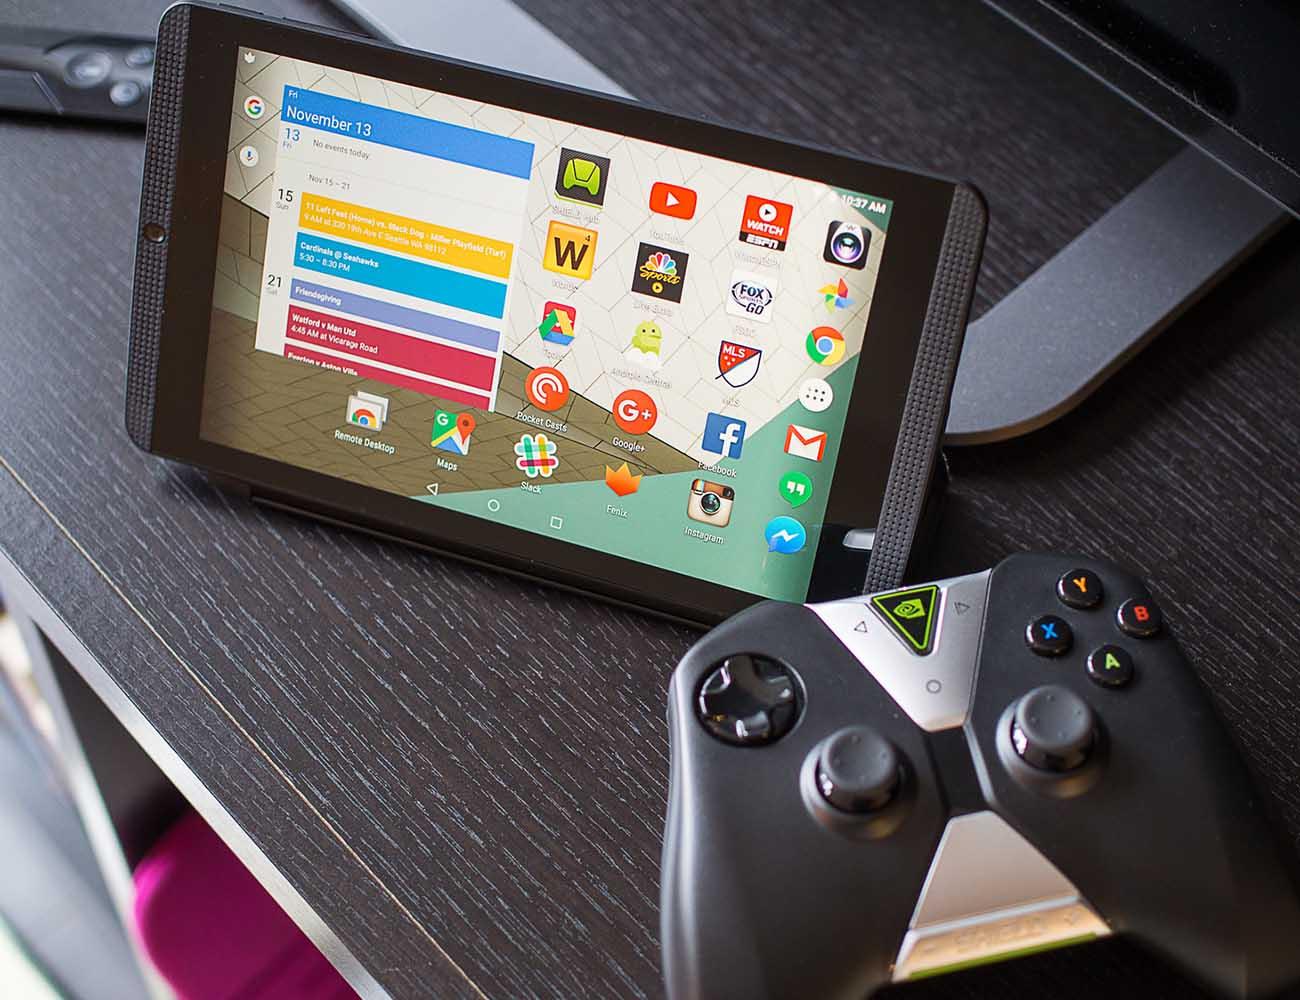 SHIELD+Tablet+K1+By+Nvidia